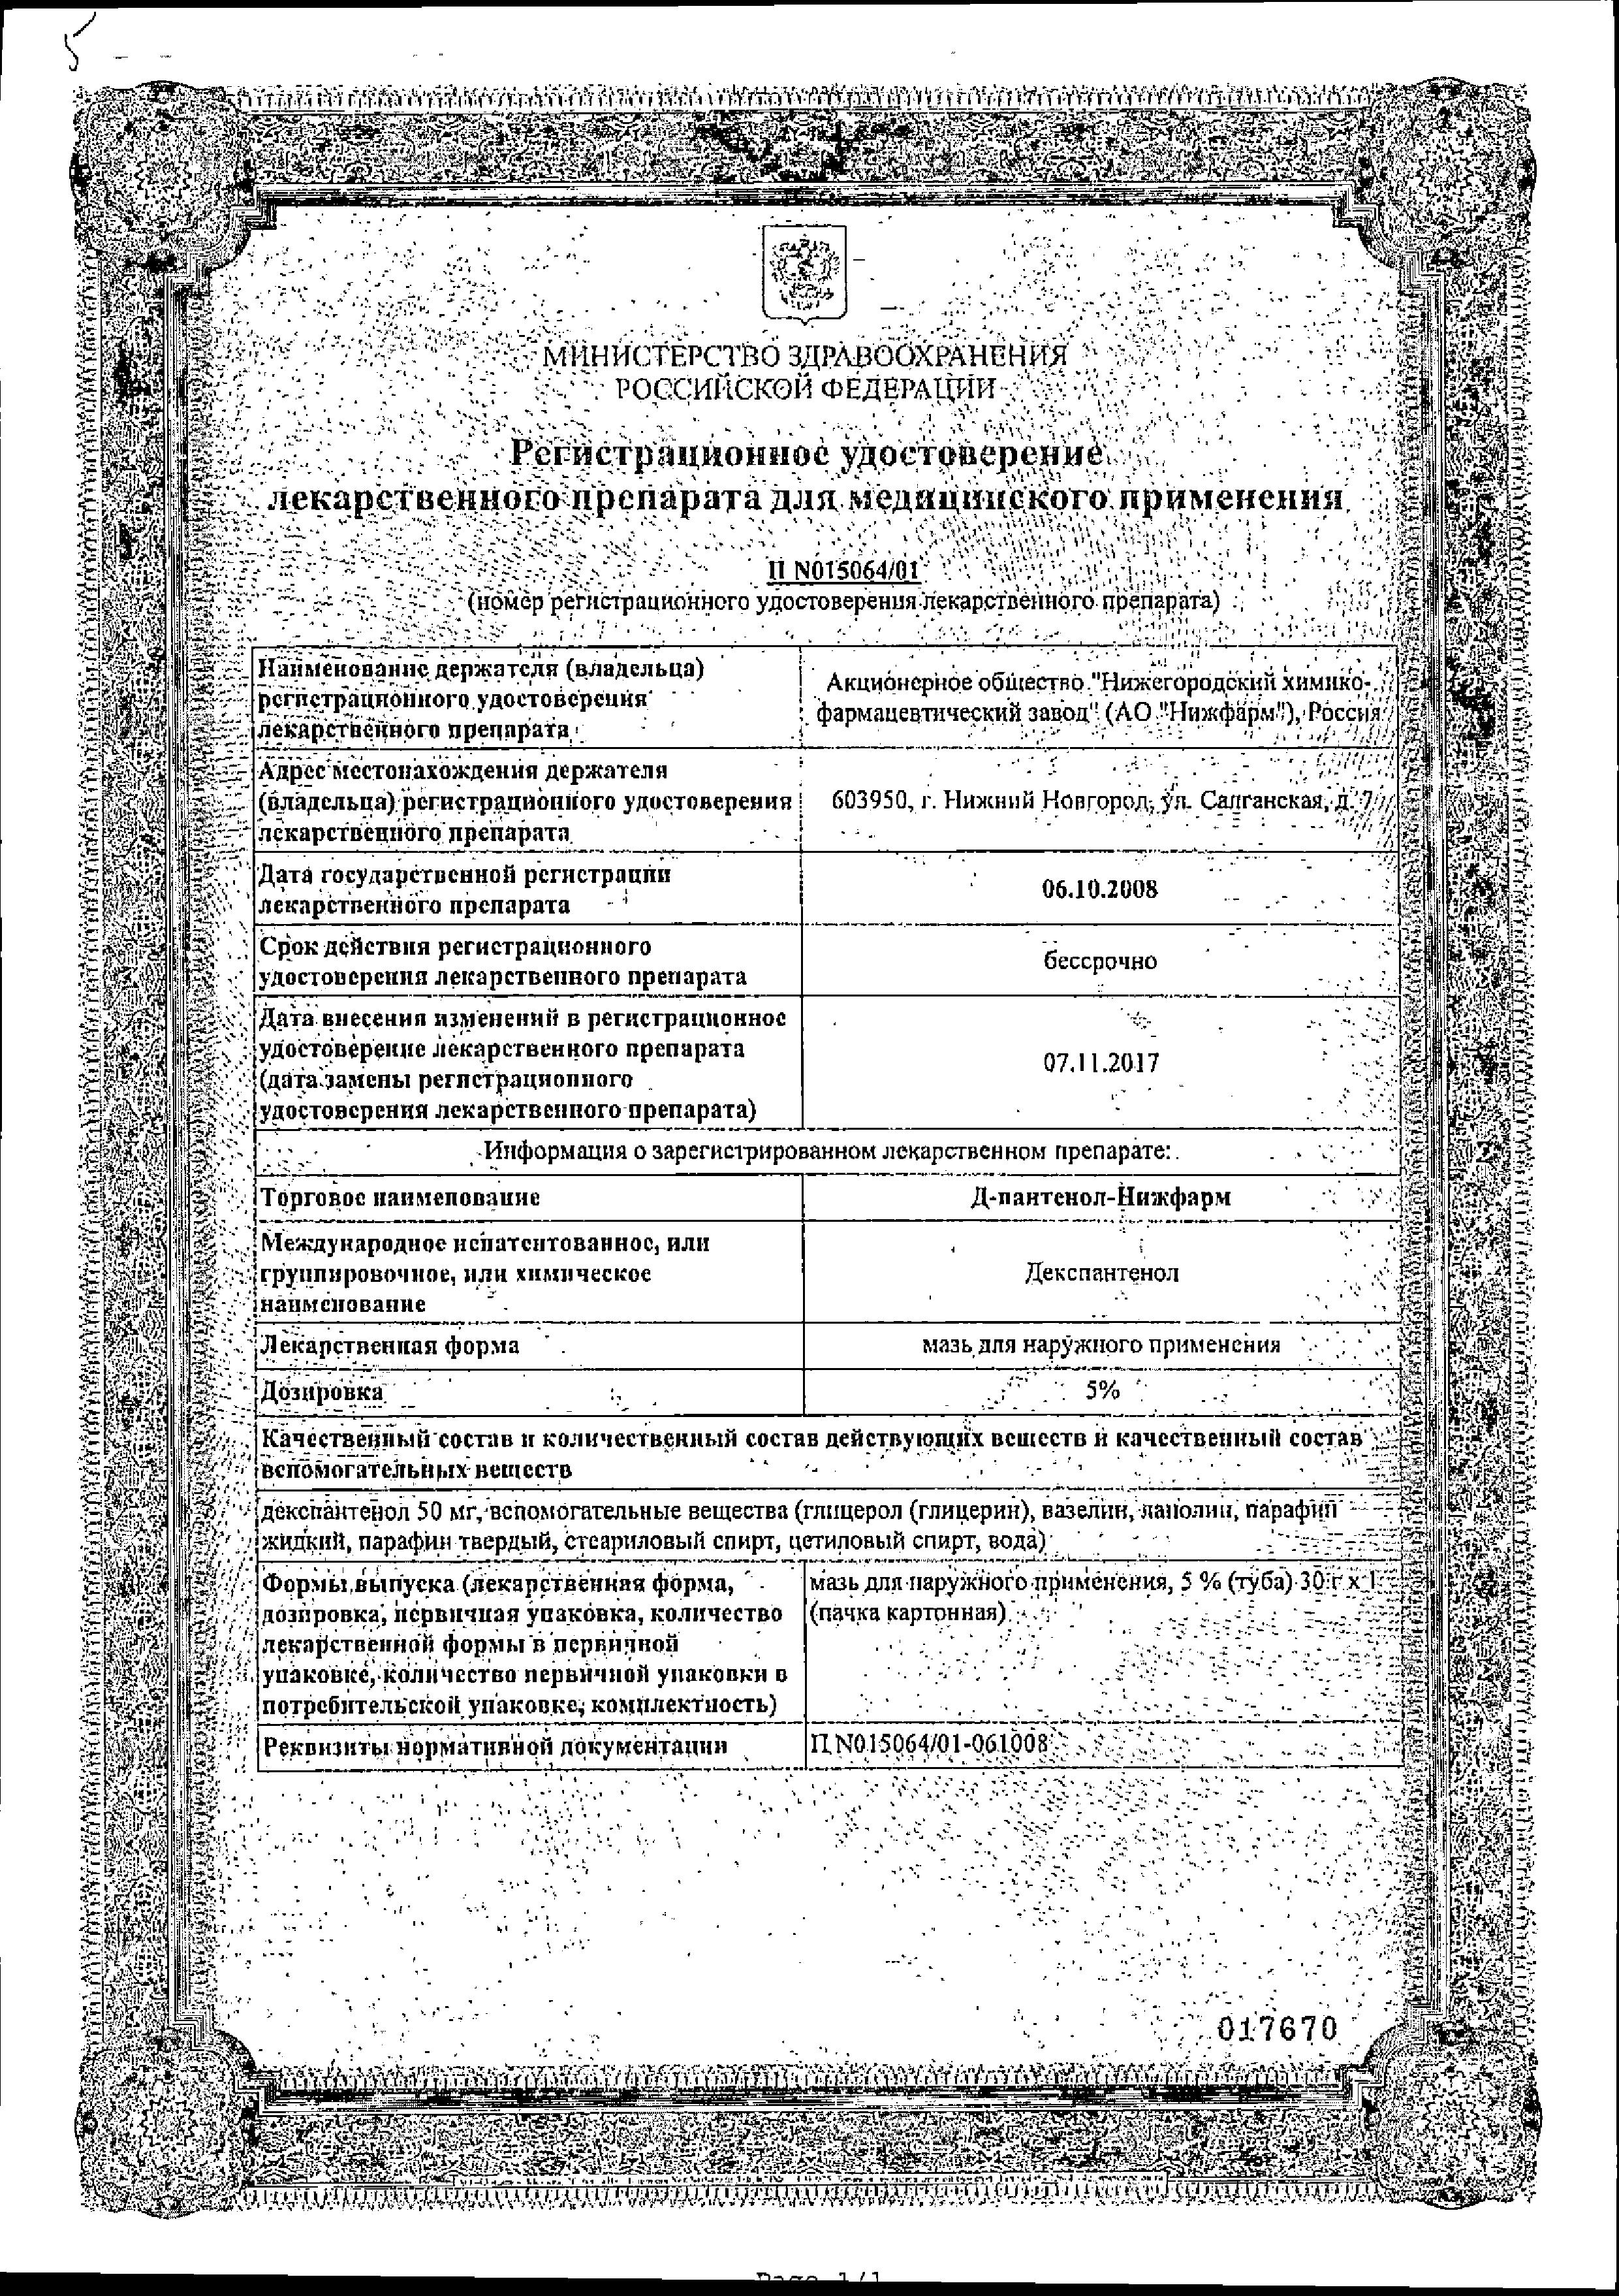 Д-Пантенол-Нижфарм сертификат